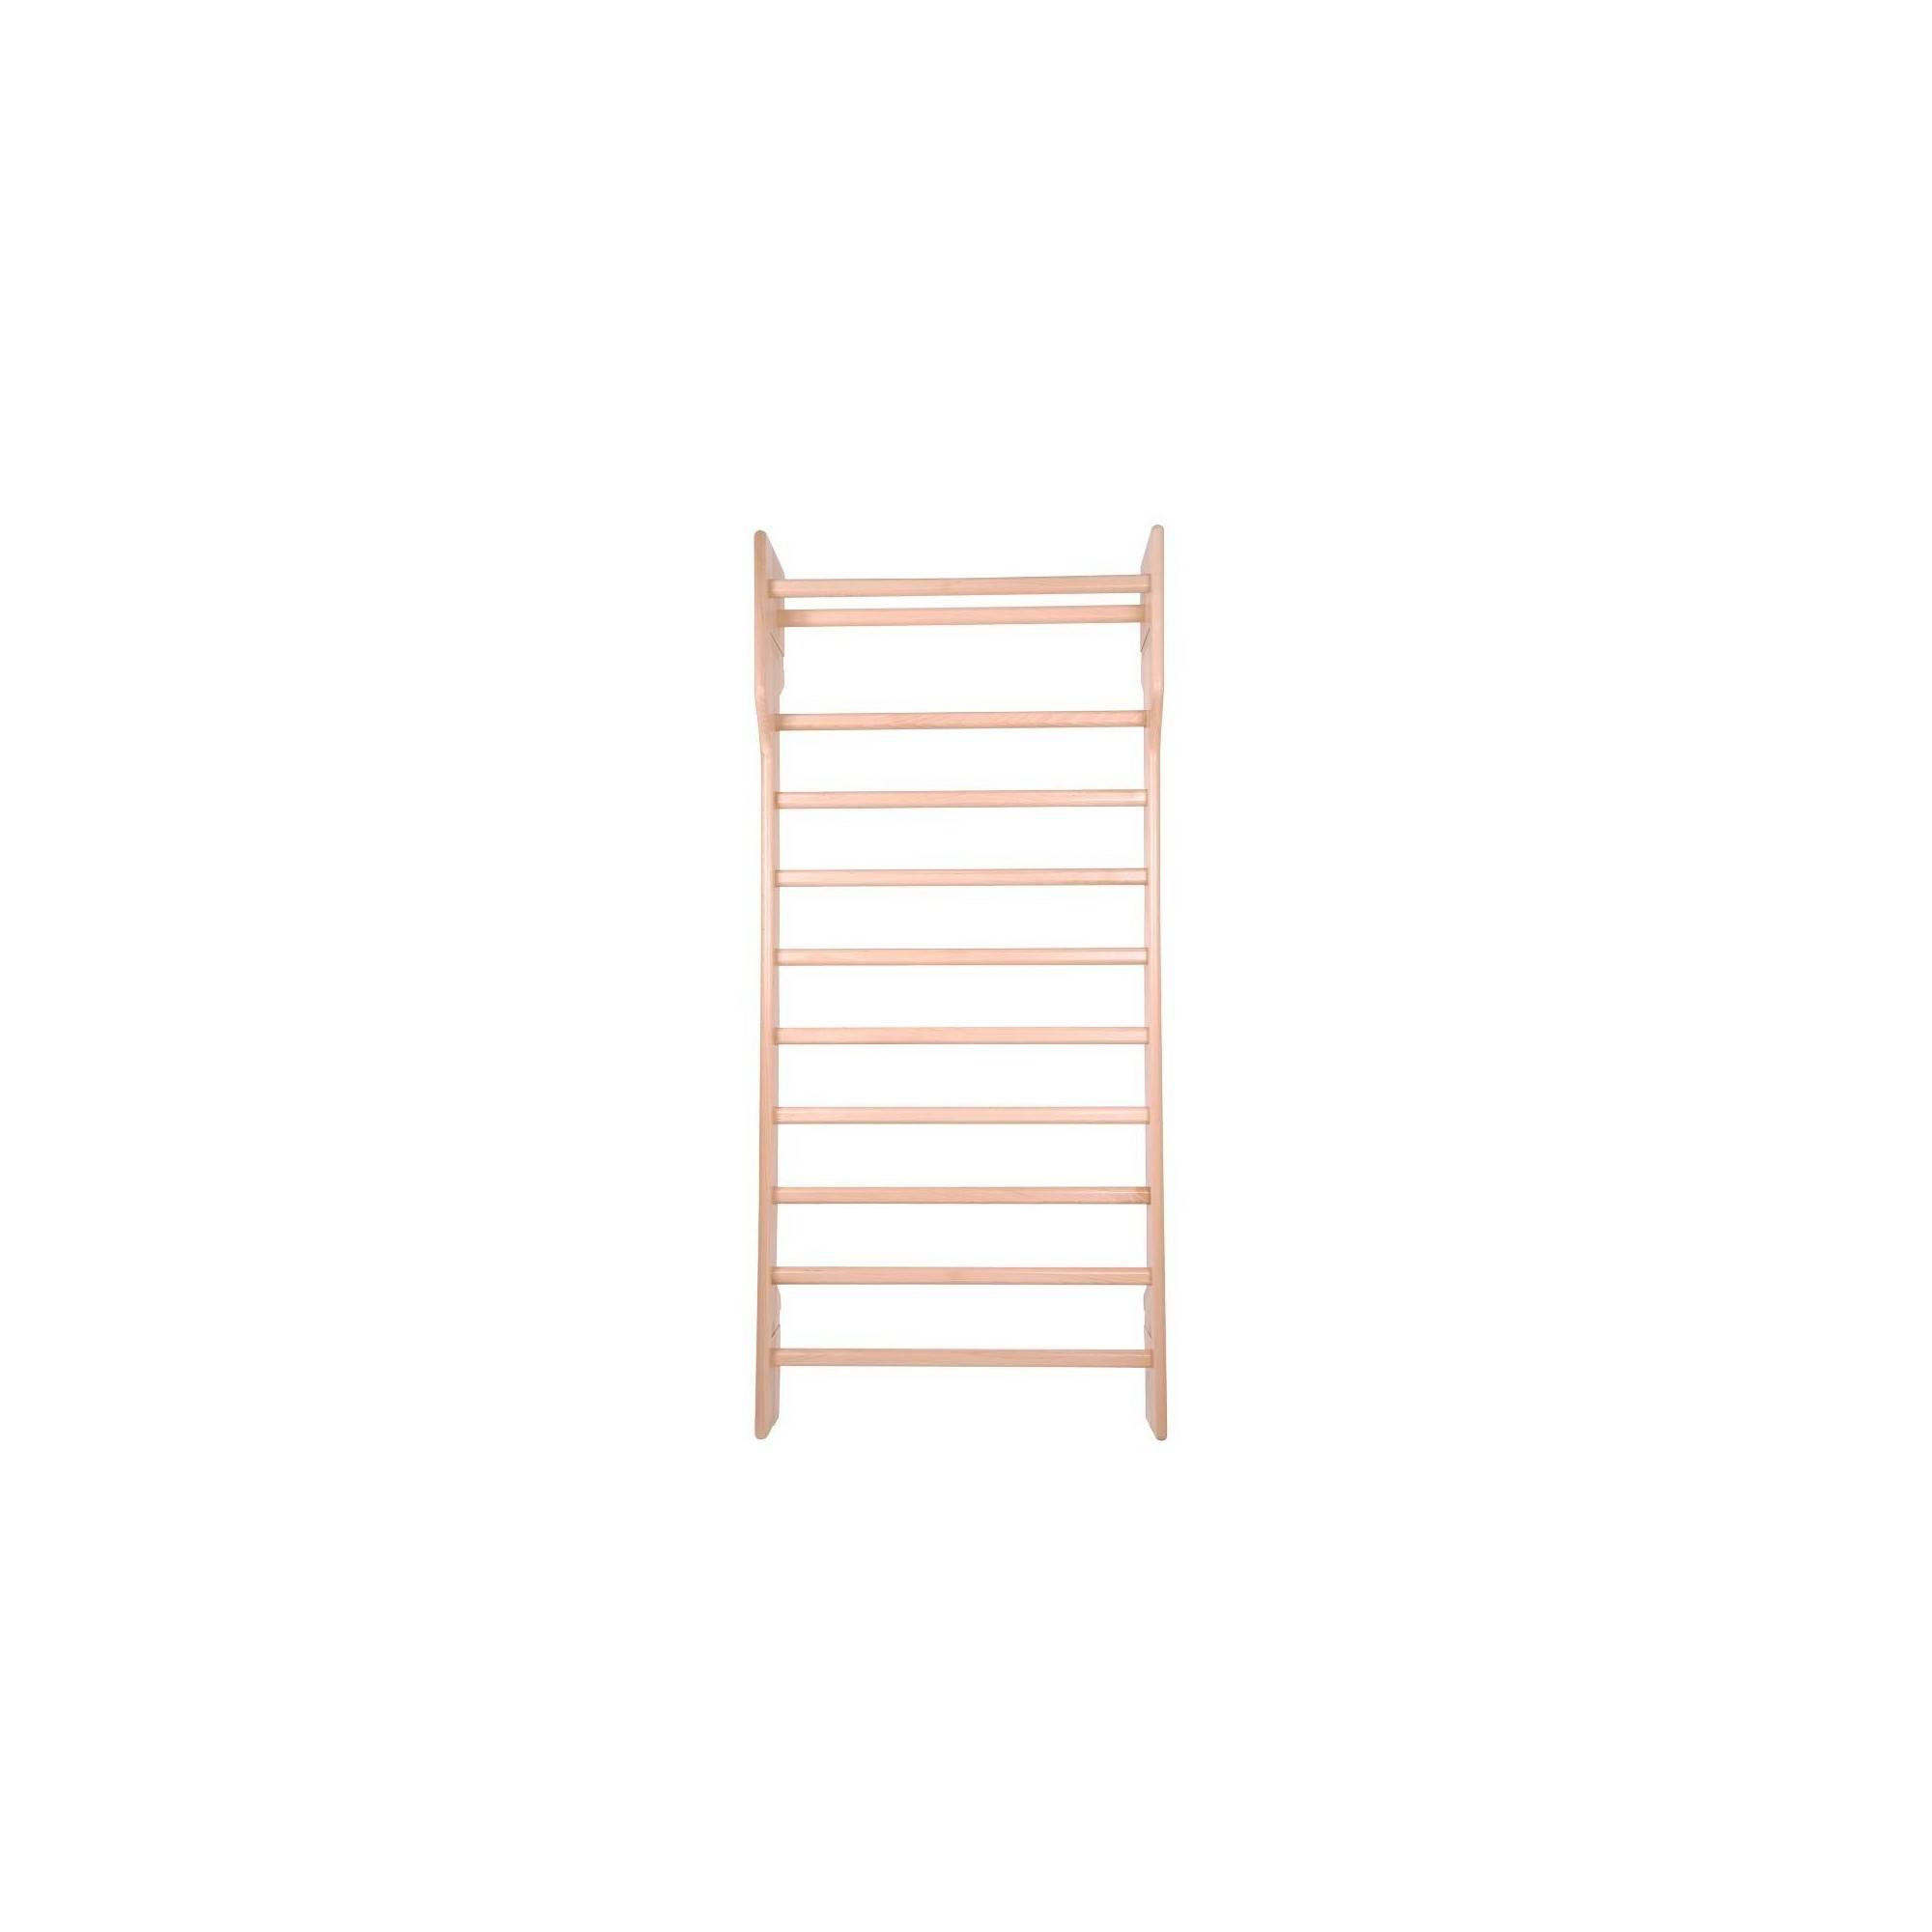 Drabinka gimnastyczna  200 x 80 cm INSPORTLINE drewniana,producent: INSPORTLINE, photo: 1